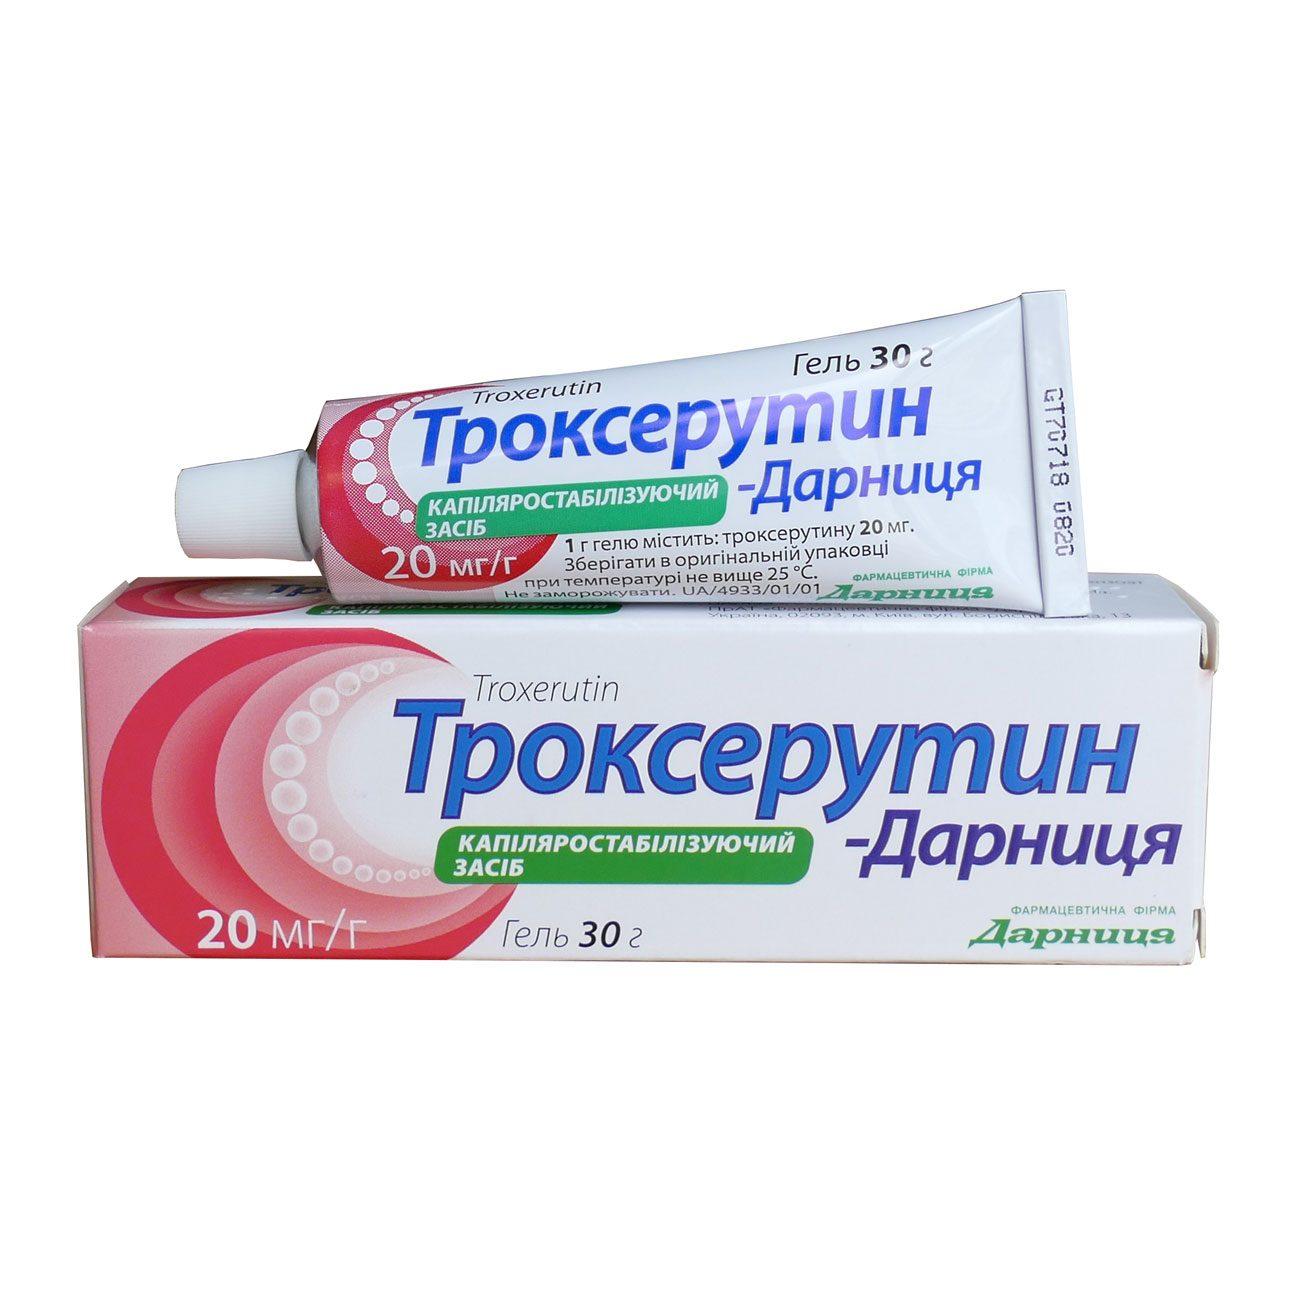 Инструкция по применению таблеток троксевазин - состав, показания к приему, побочные действия, аналоги и цена